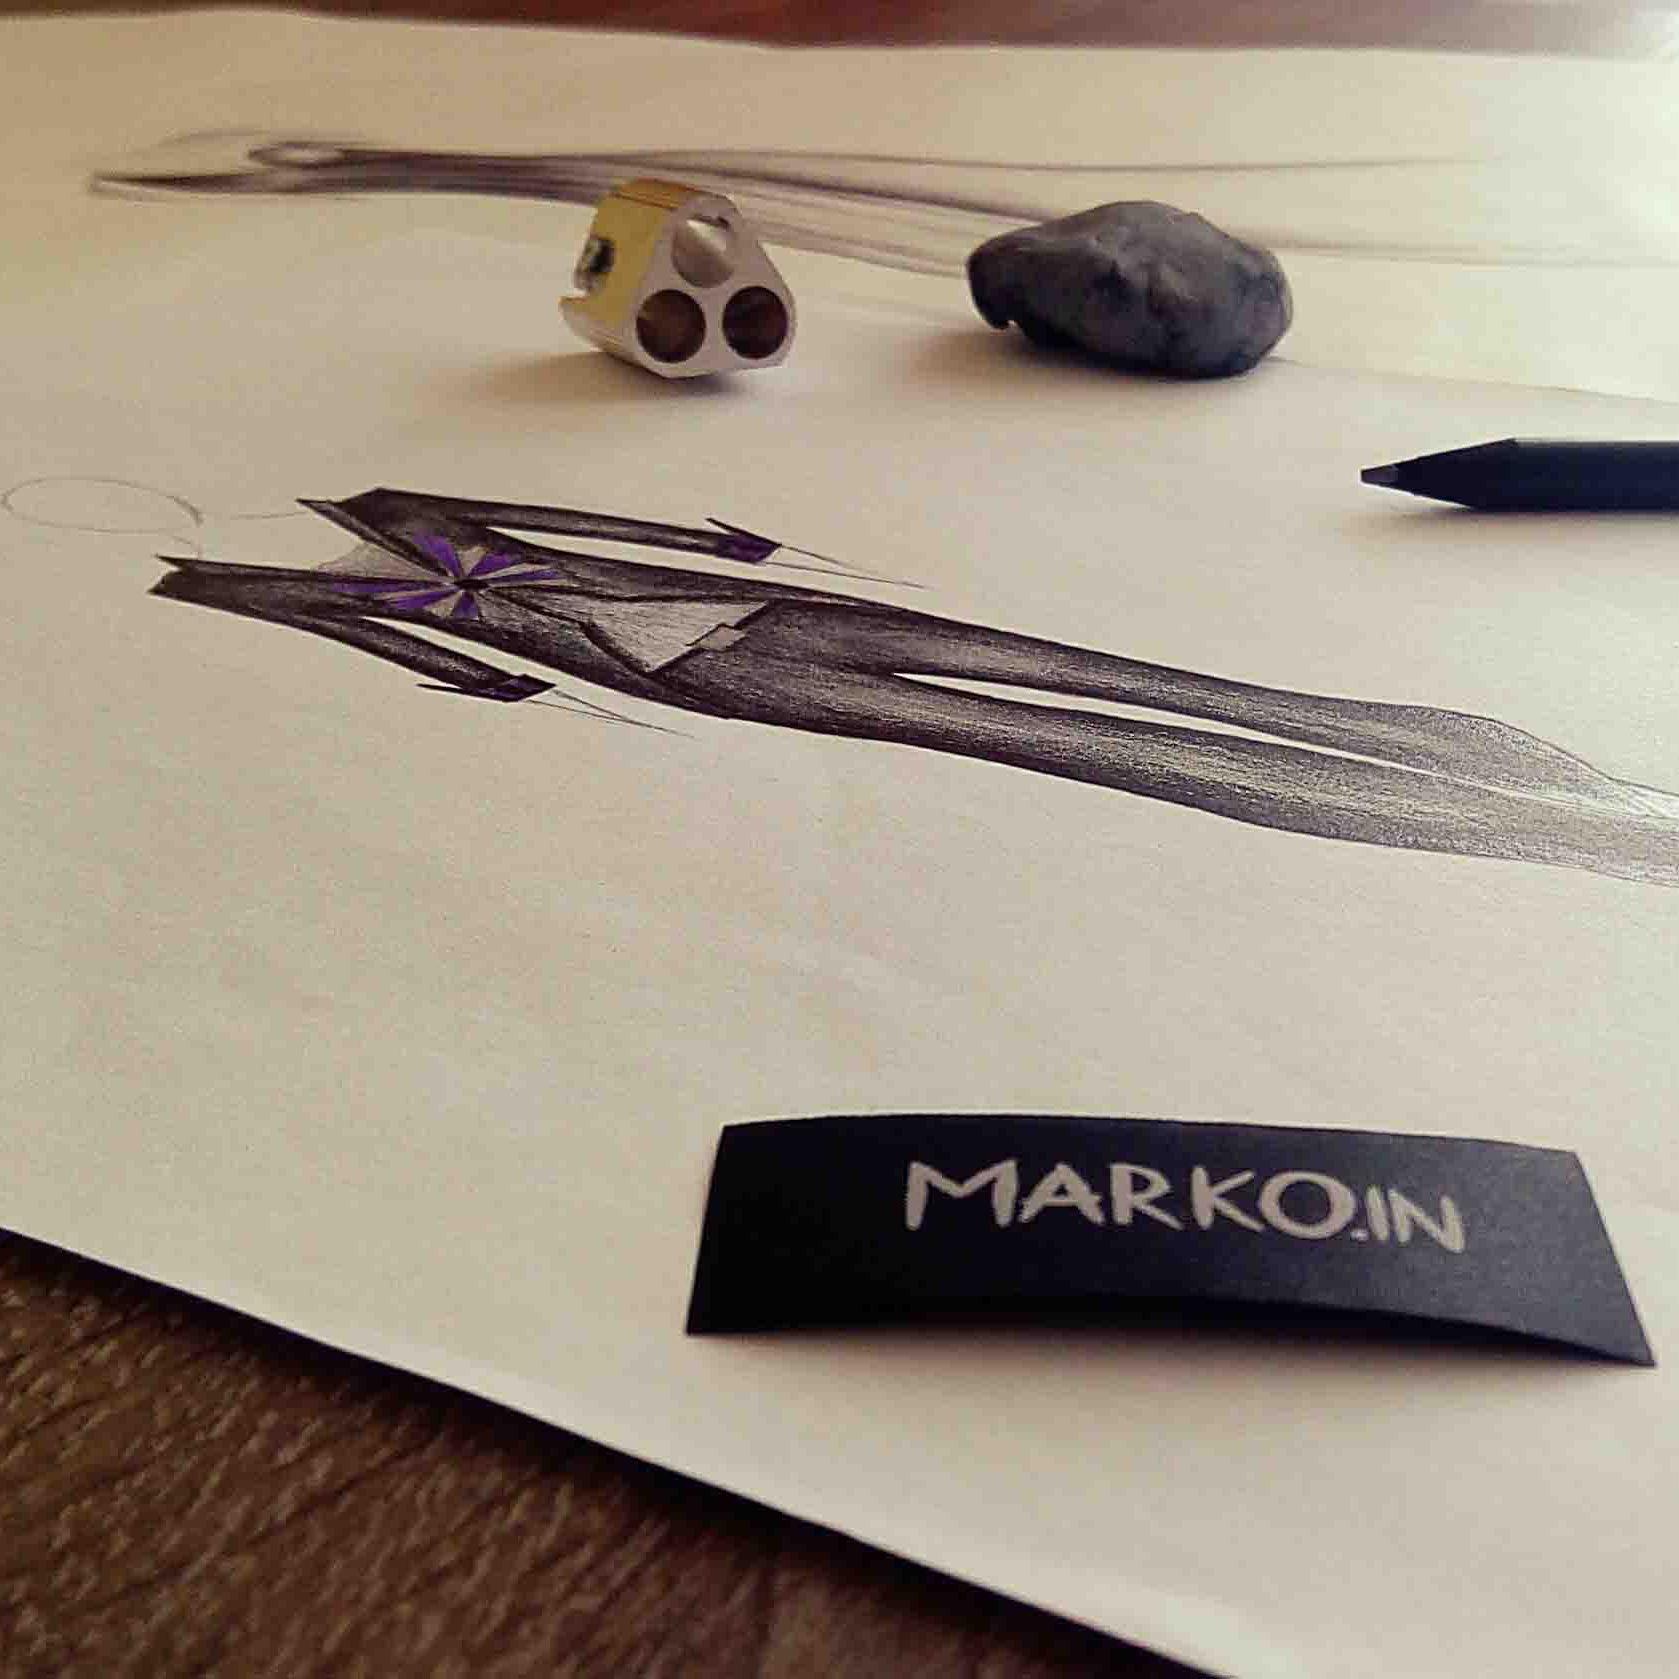 markoin_marko_lopatic_onas_8b